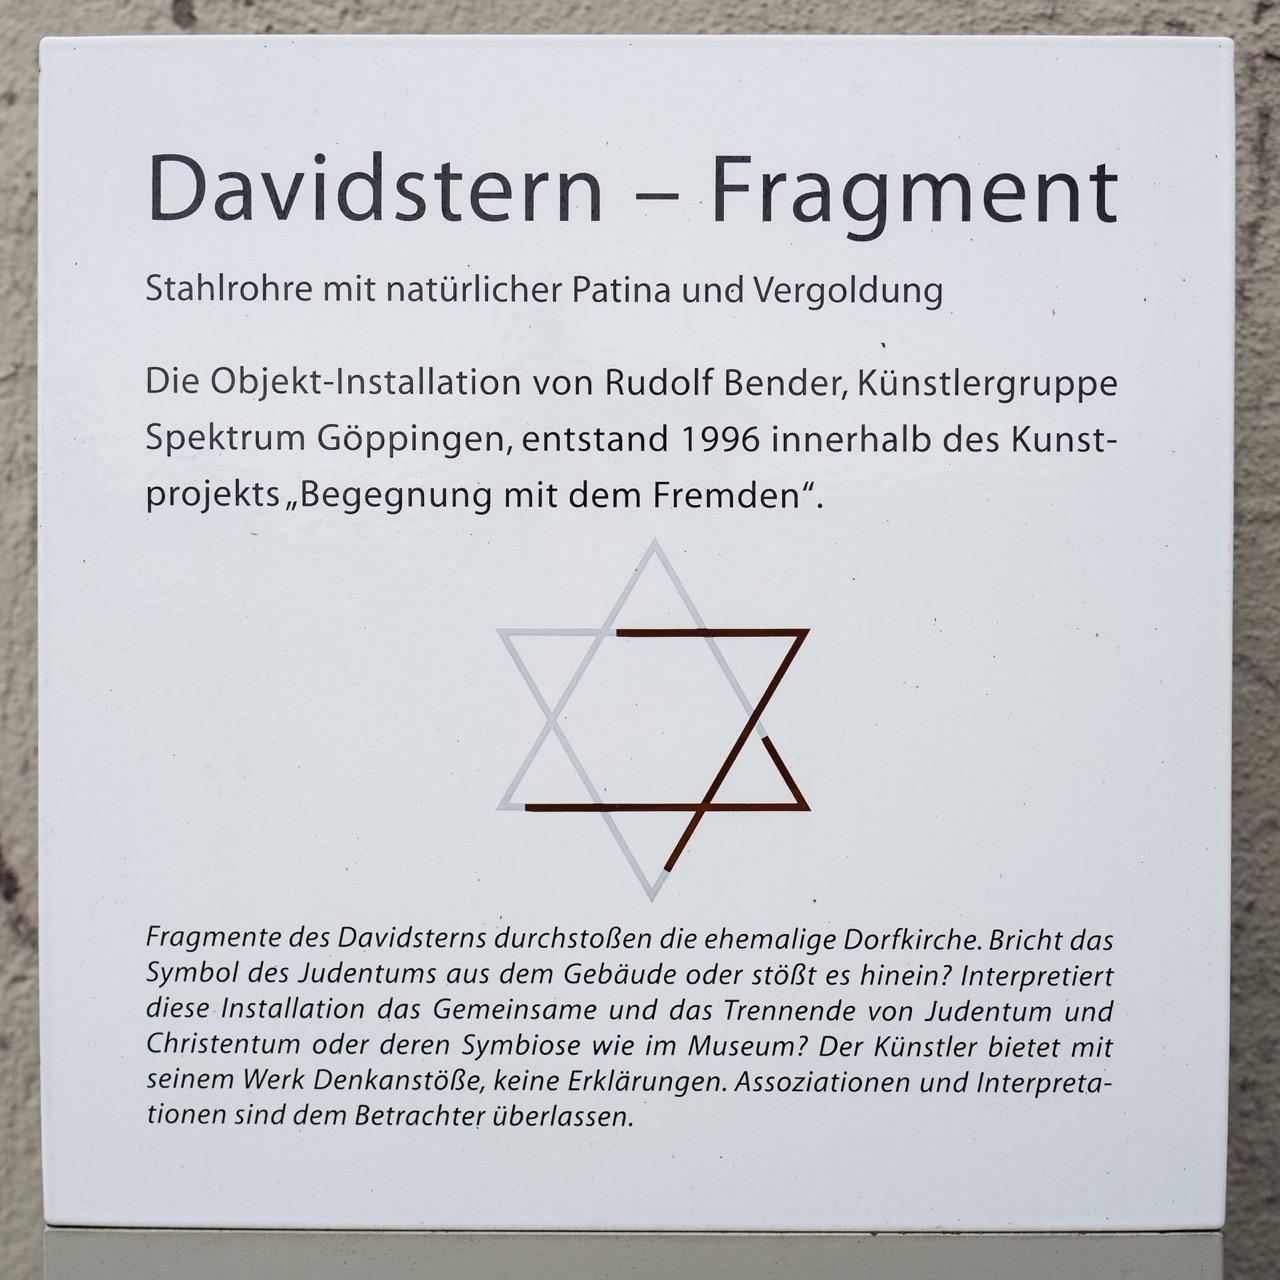 """Objekt-Installation """"Davidstern - Fragment"""" (Rudolf Bender, 1996), Informationstafel"""